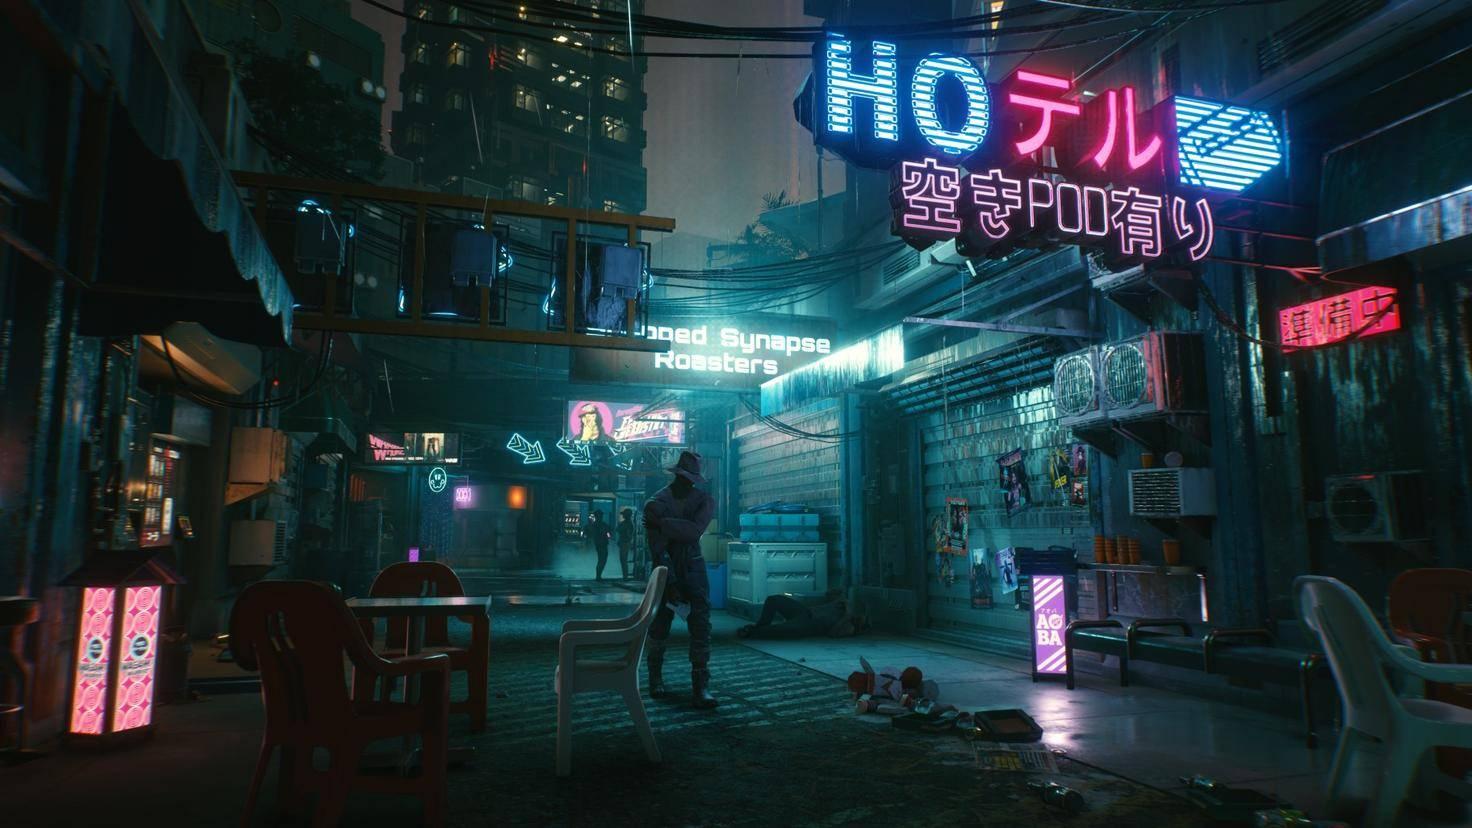 cyberpunk-2077-screenshot-04